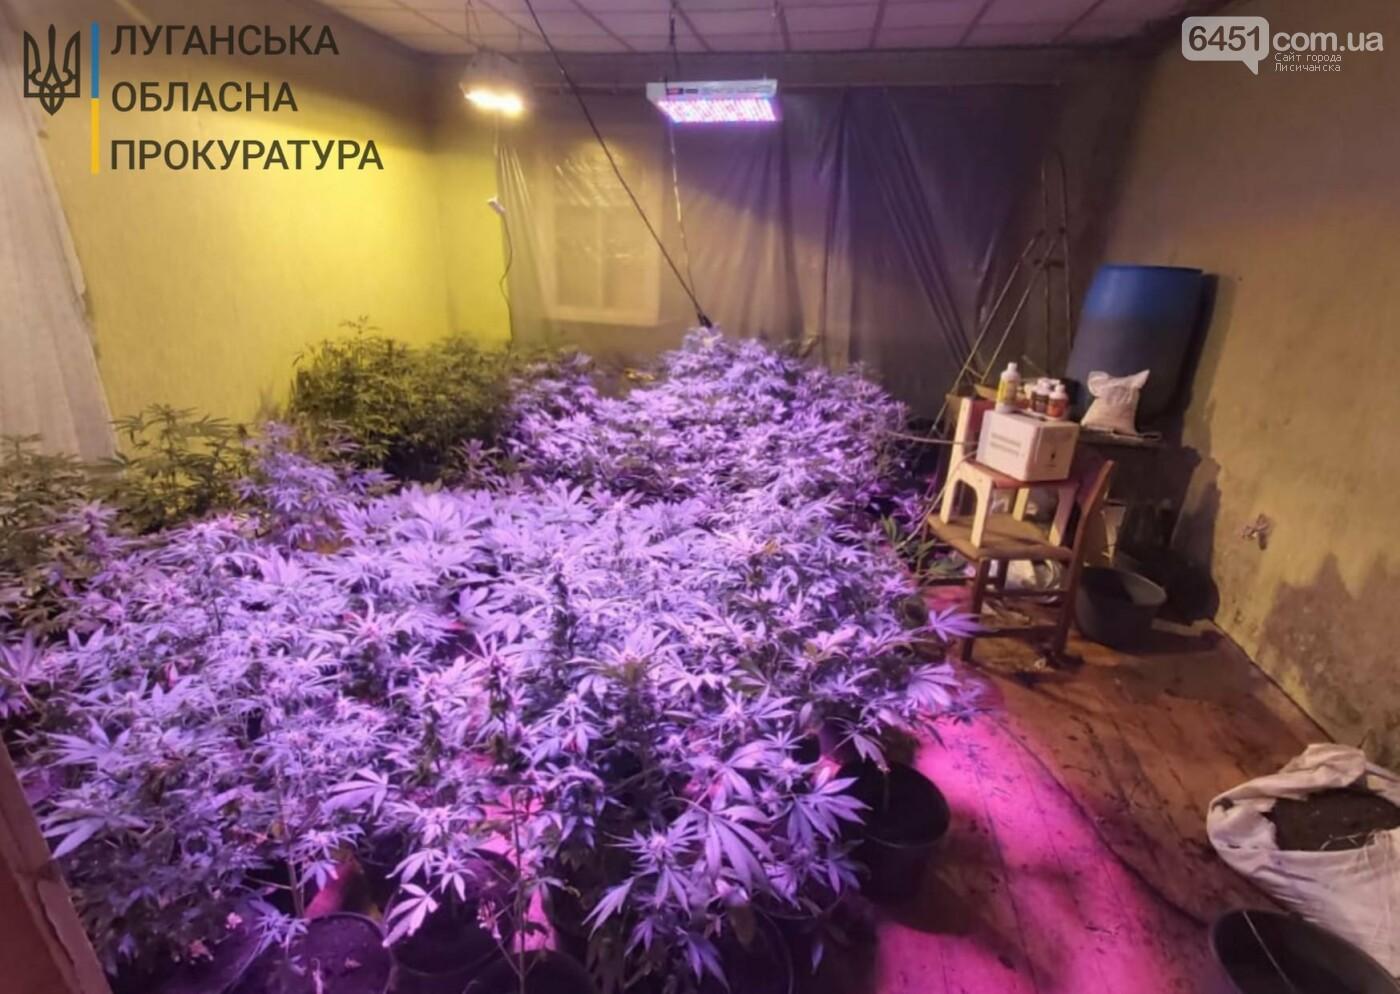 В Кременной разоблачили преступную группу, которая выращивала коноплю, фото-1, Луганская областная прокуратура